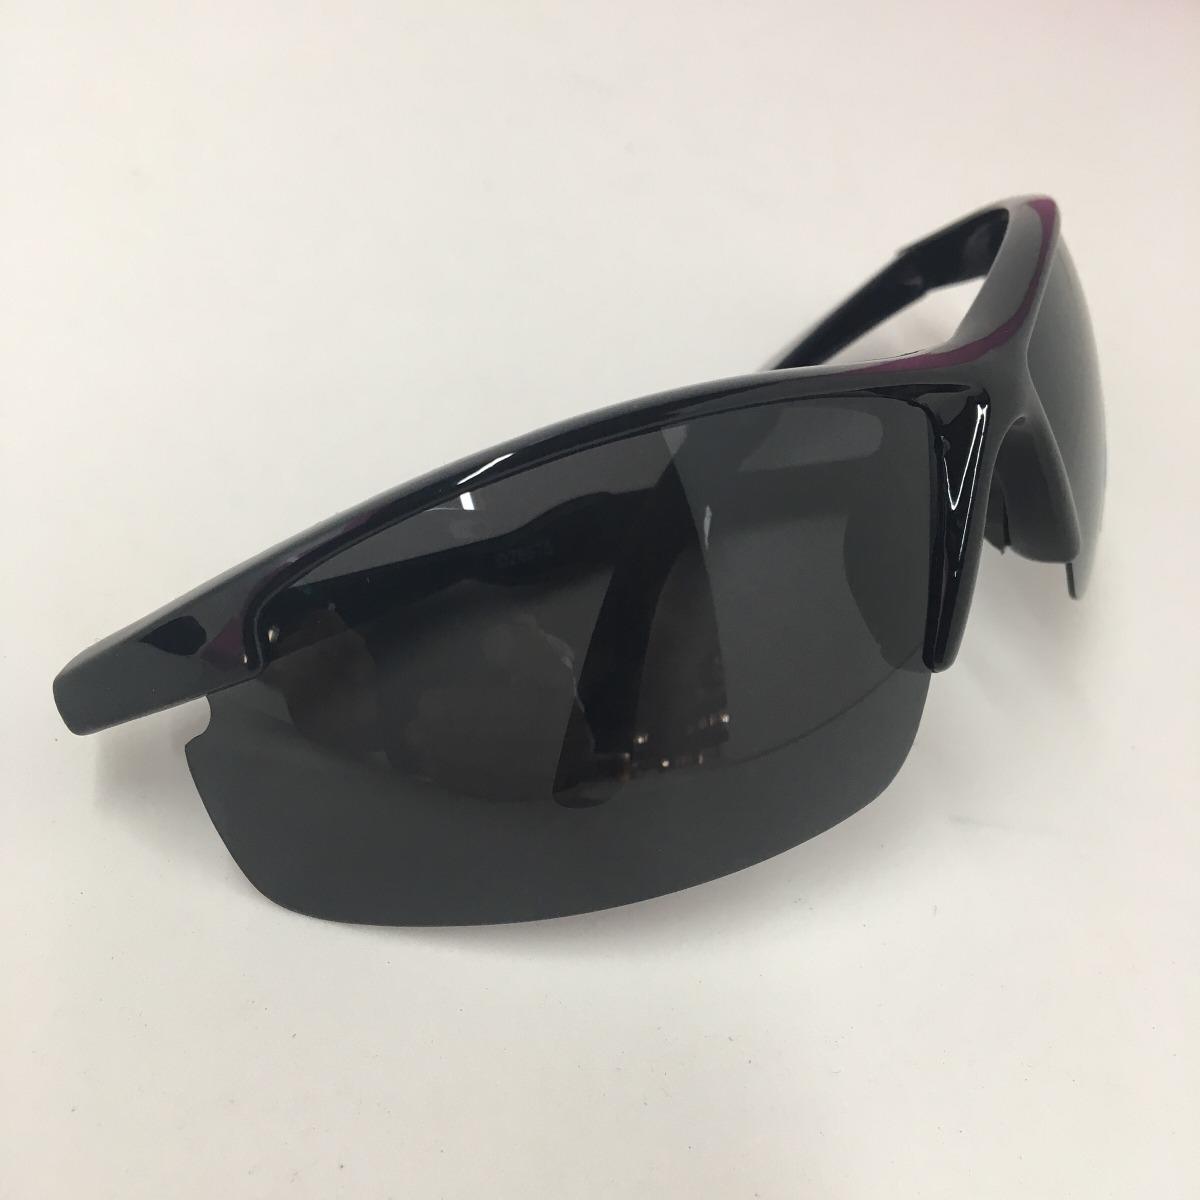 6694bd6e9ba85 óculos maruri polarizado anti-reflexos dz 6575 pesca passeio. Carregando  zoom.